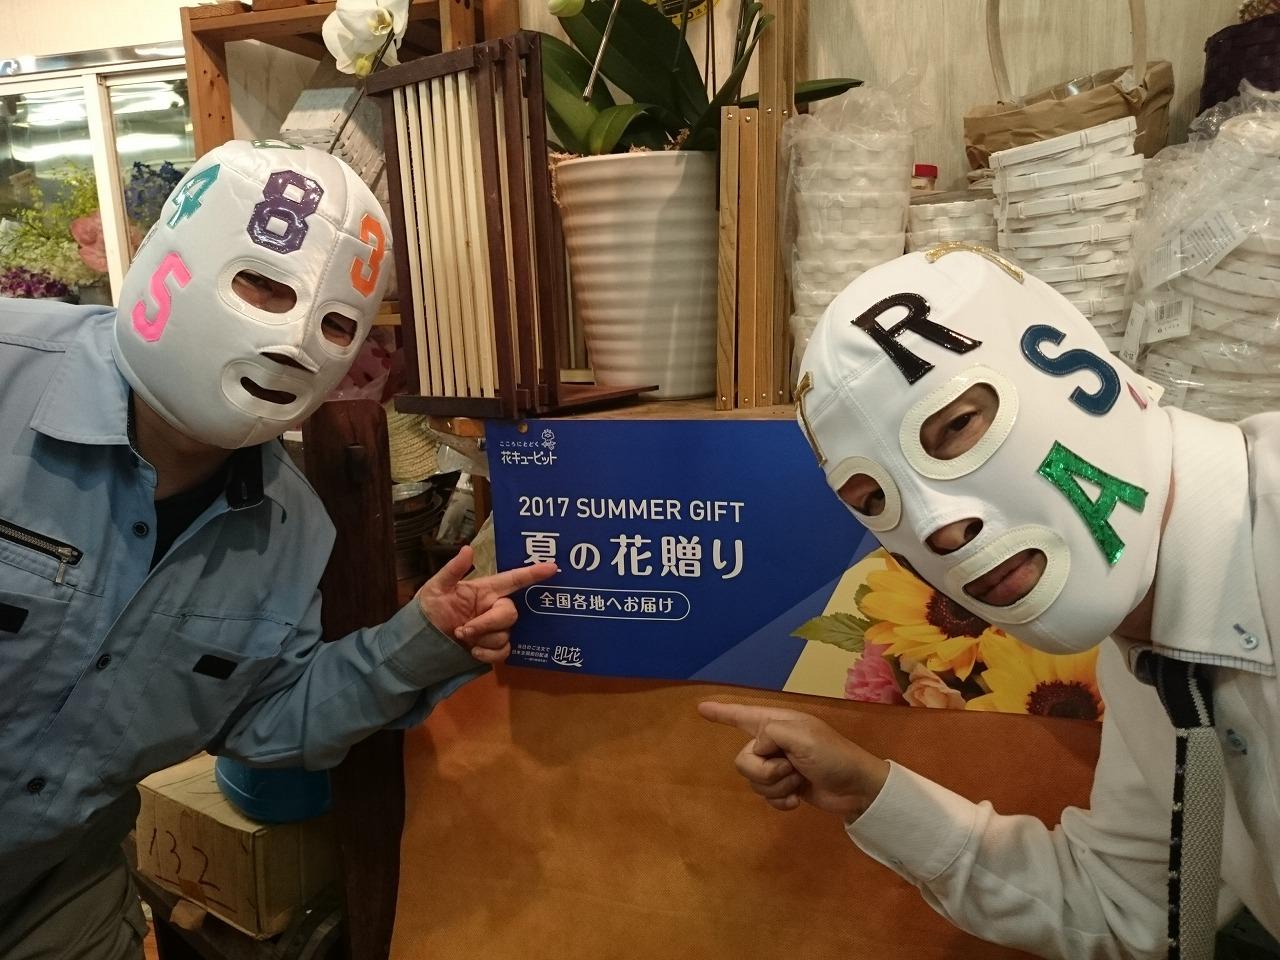 徳島文理 国語仮面 プロレス マテマティコ